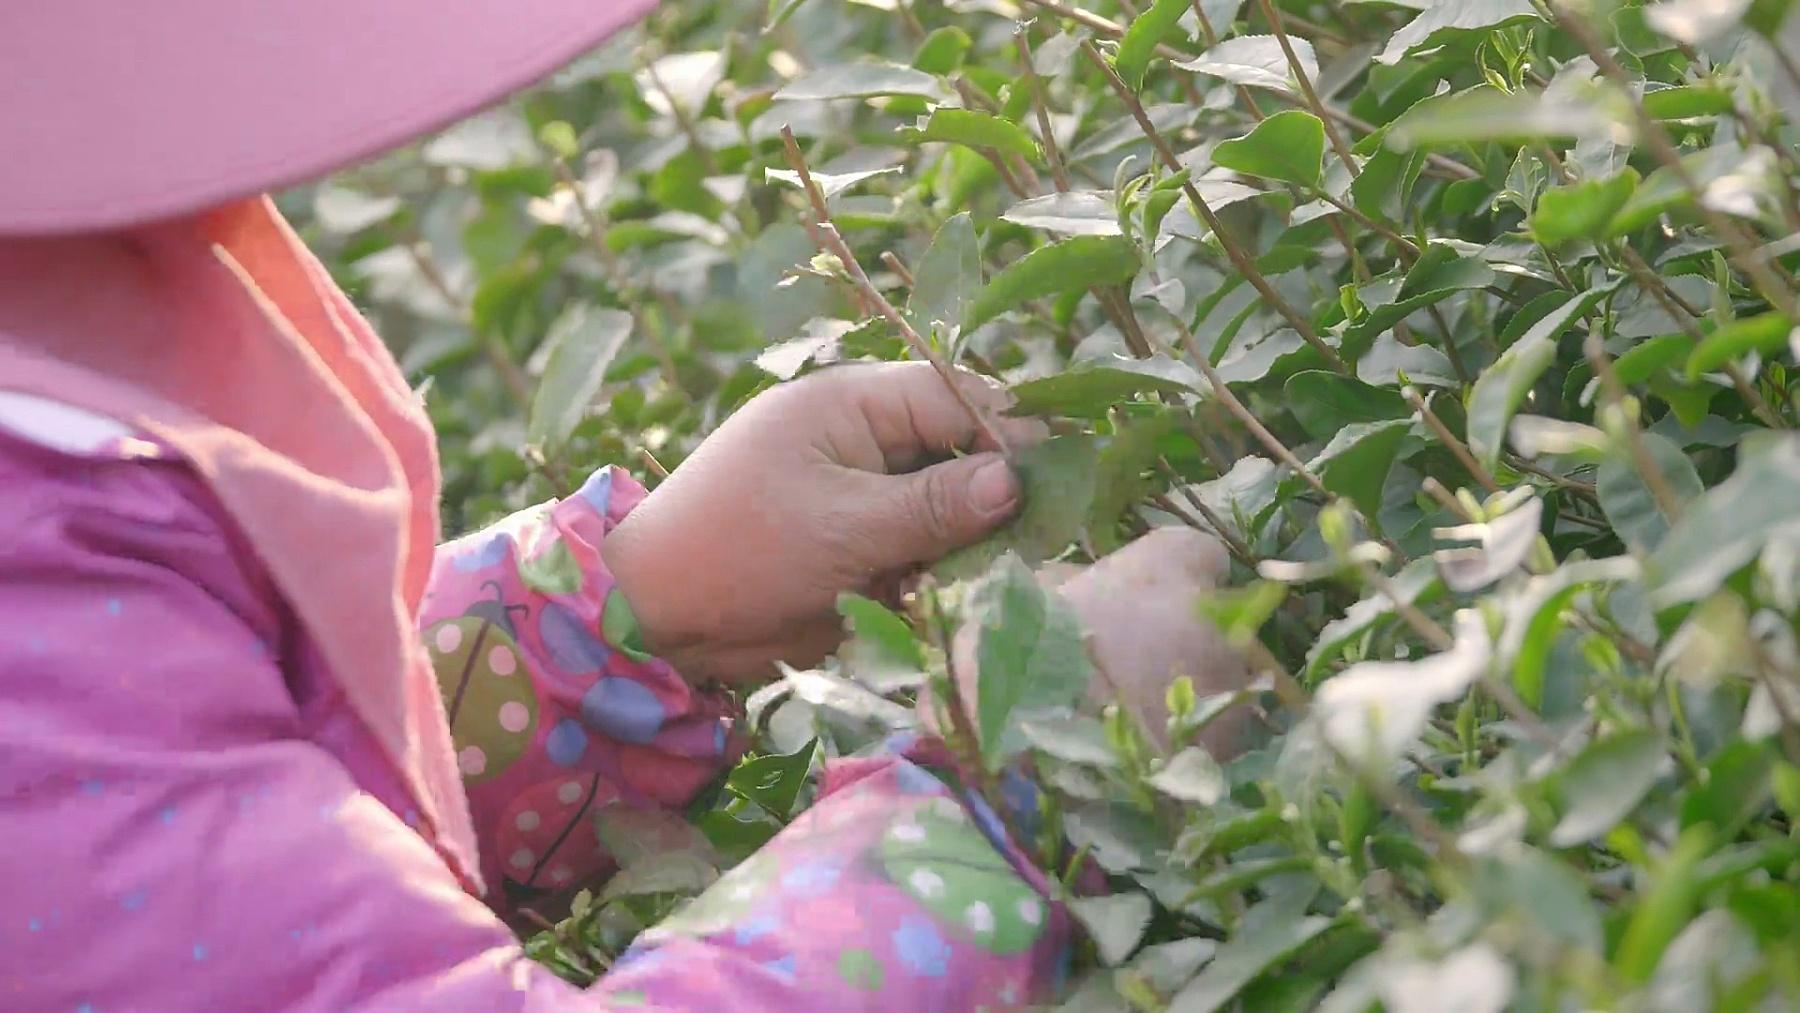 女性采摘茶园绿叶